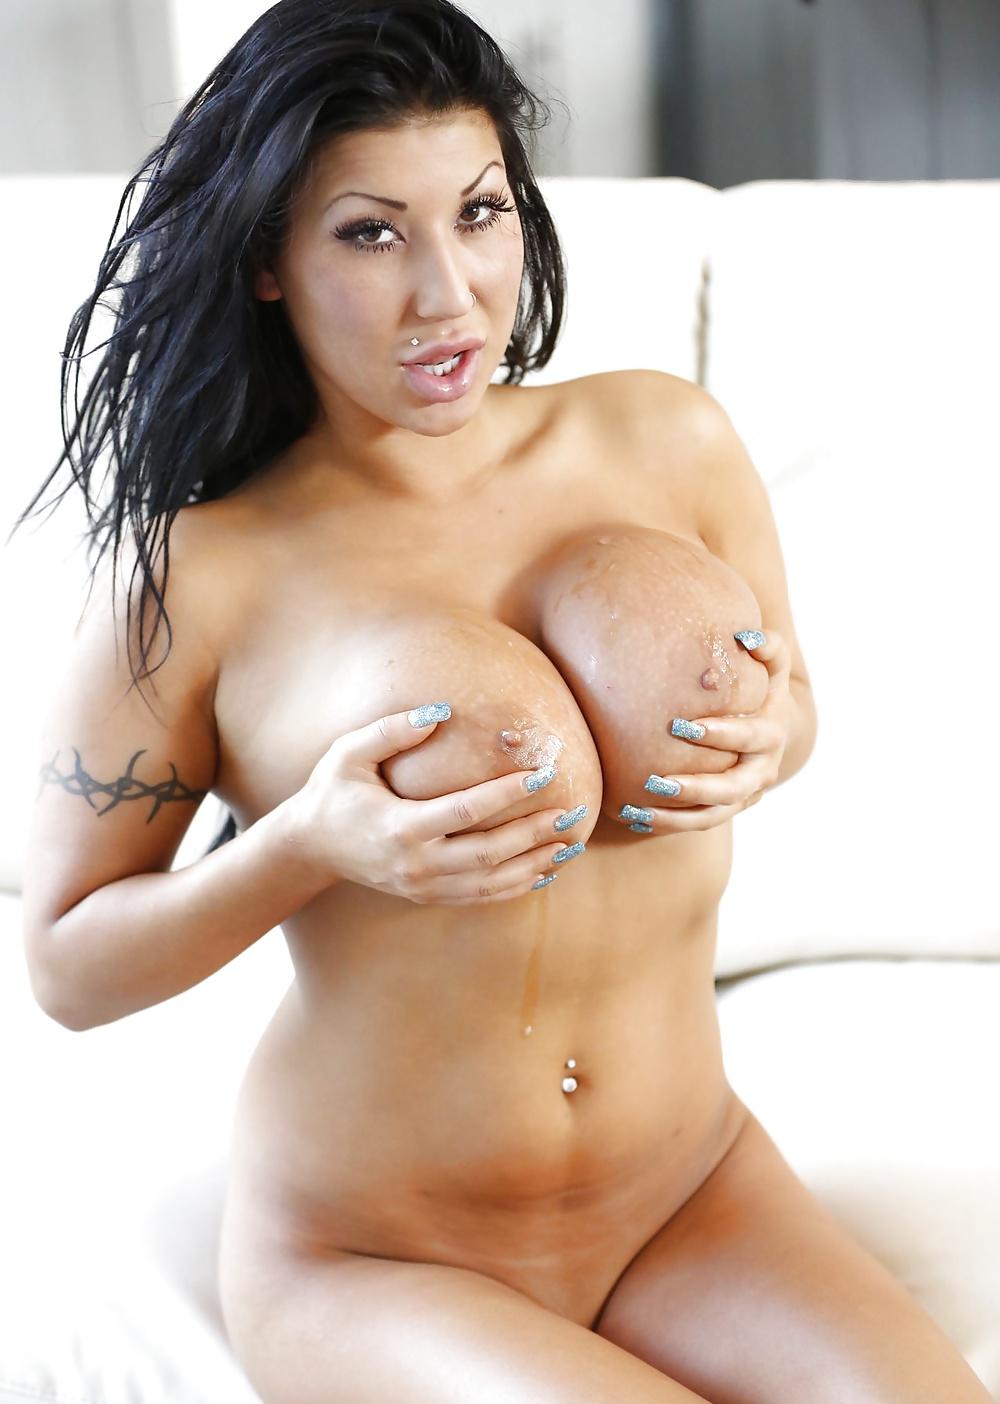 Umsonste heiße Nacktbilder von molligen Dutten